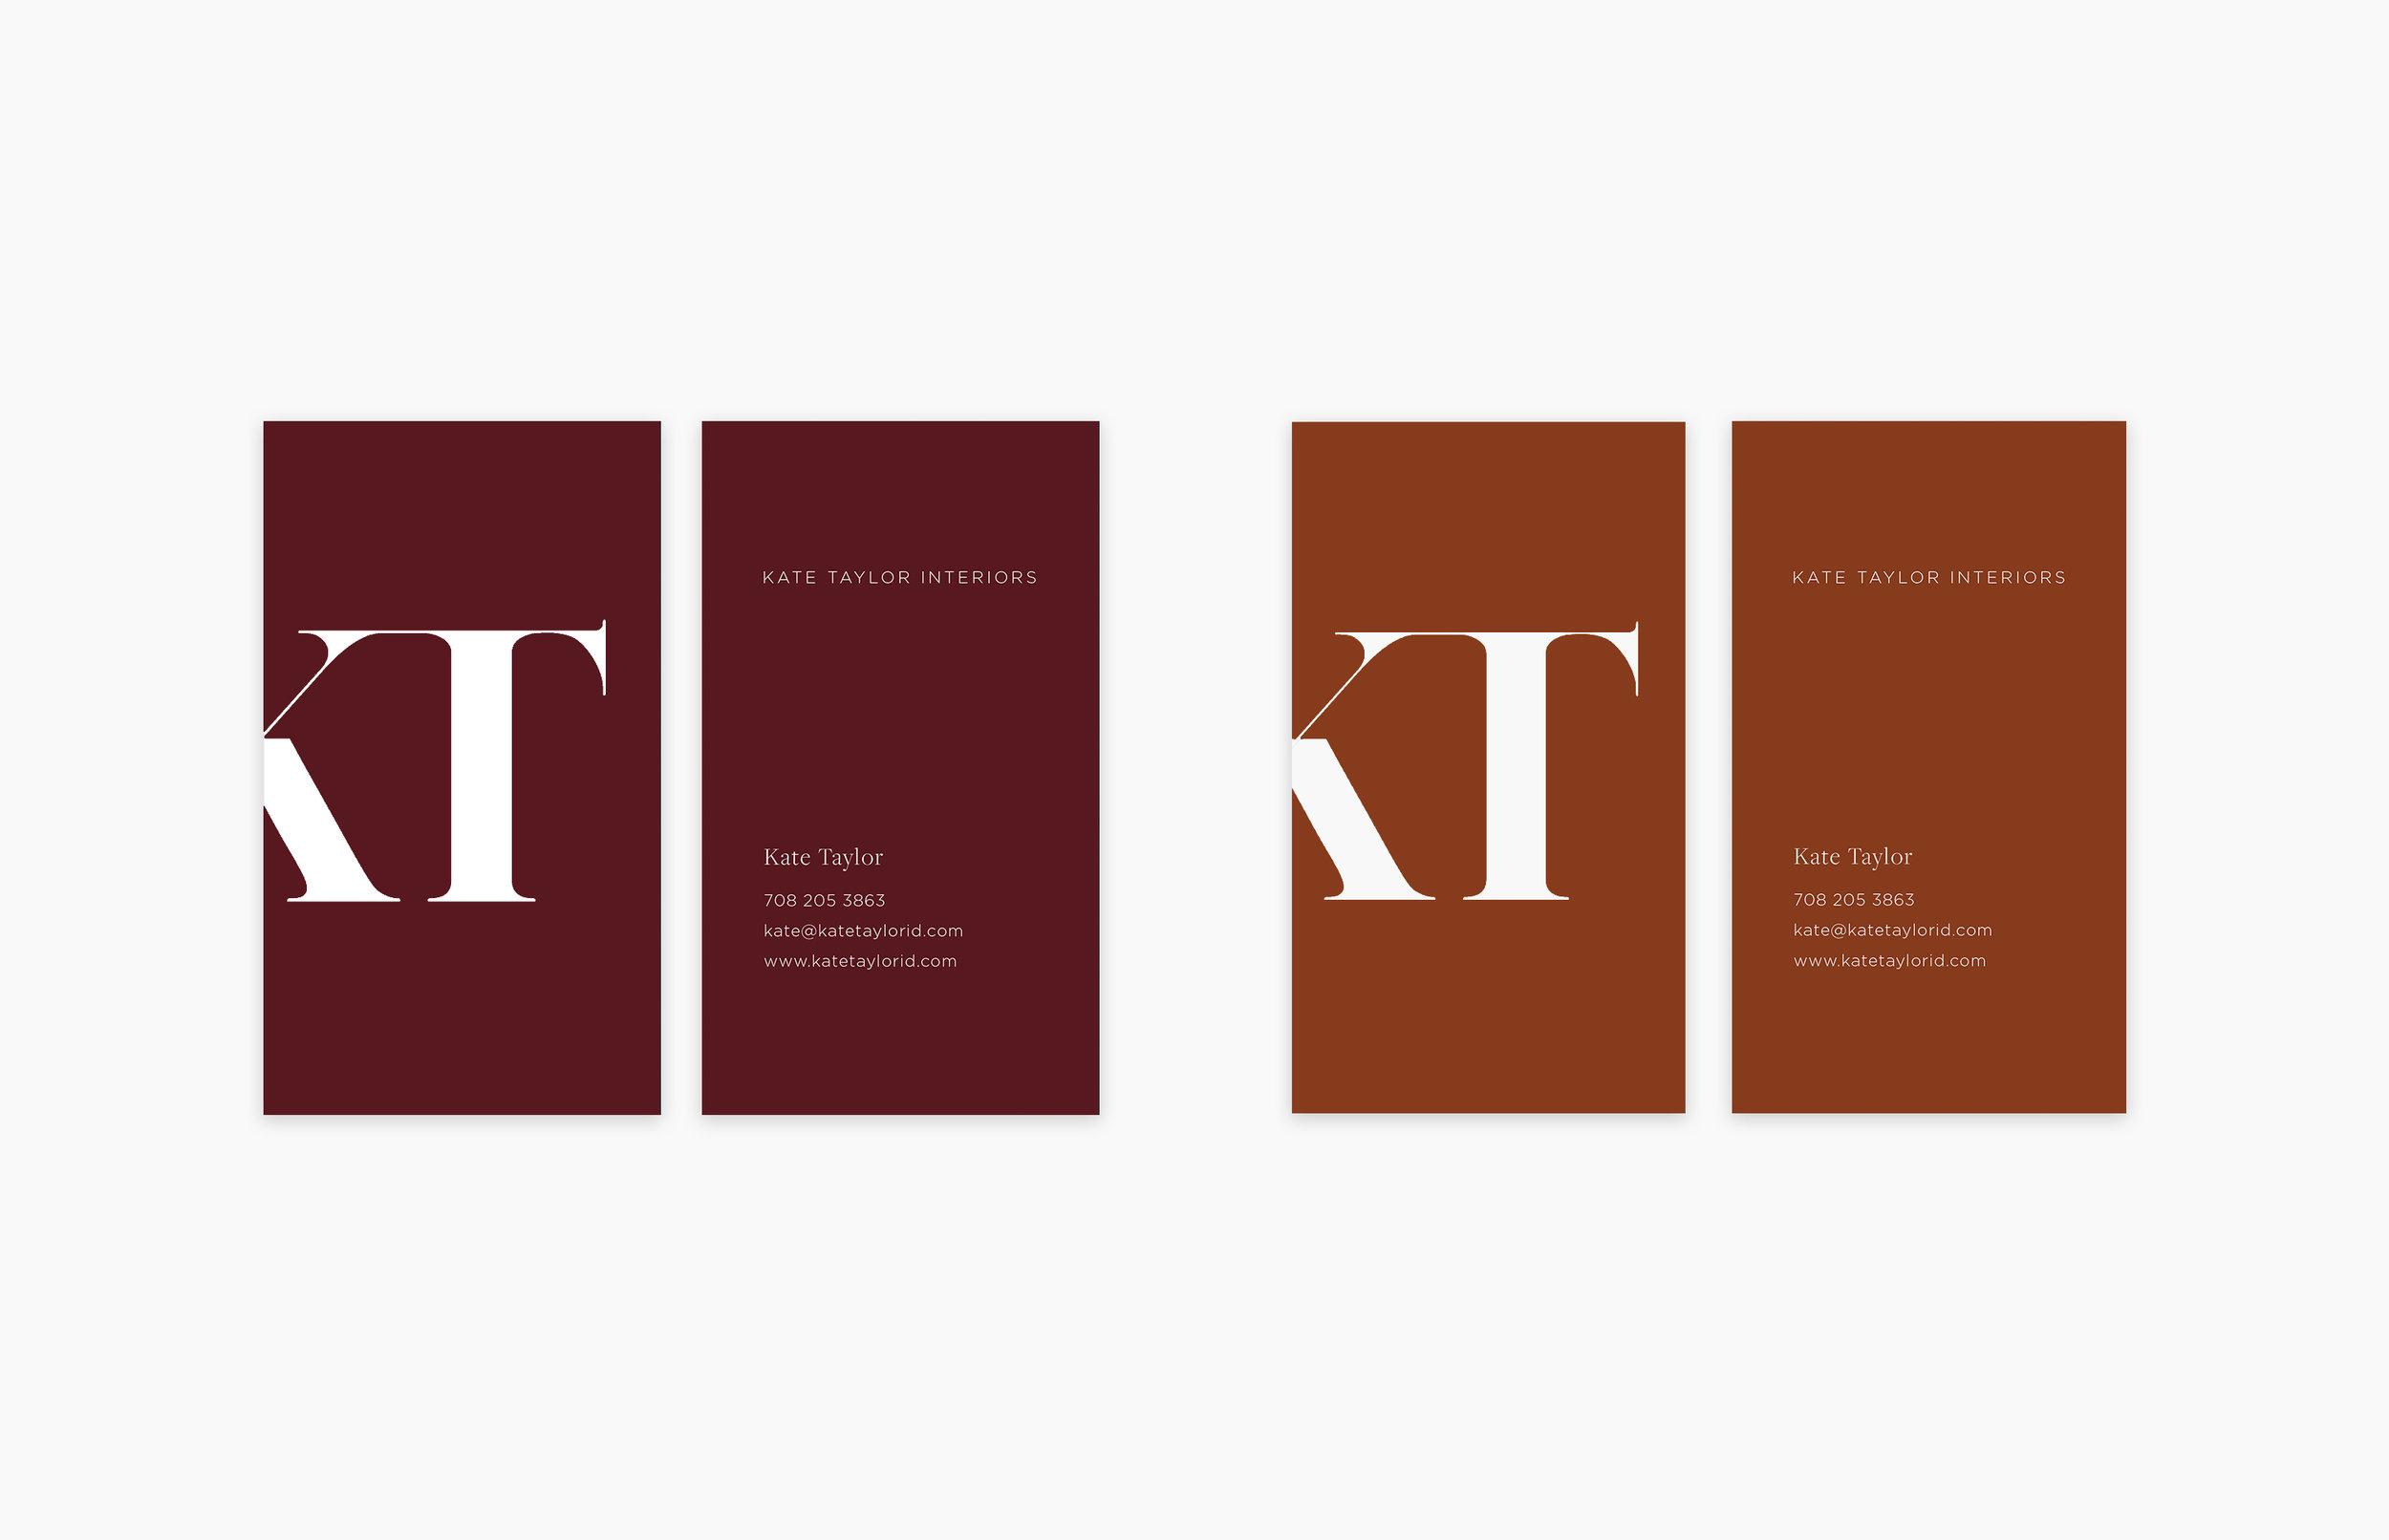 KTI_Branding-2.jpg